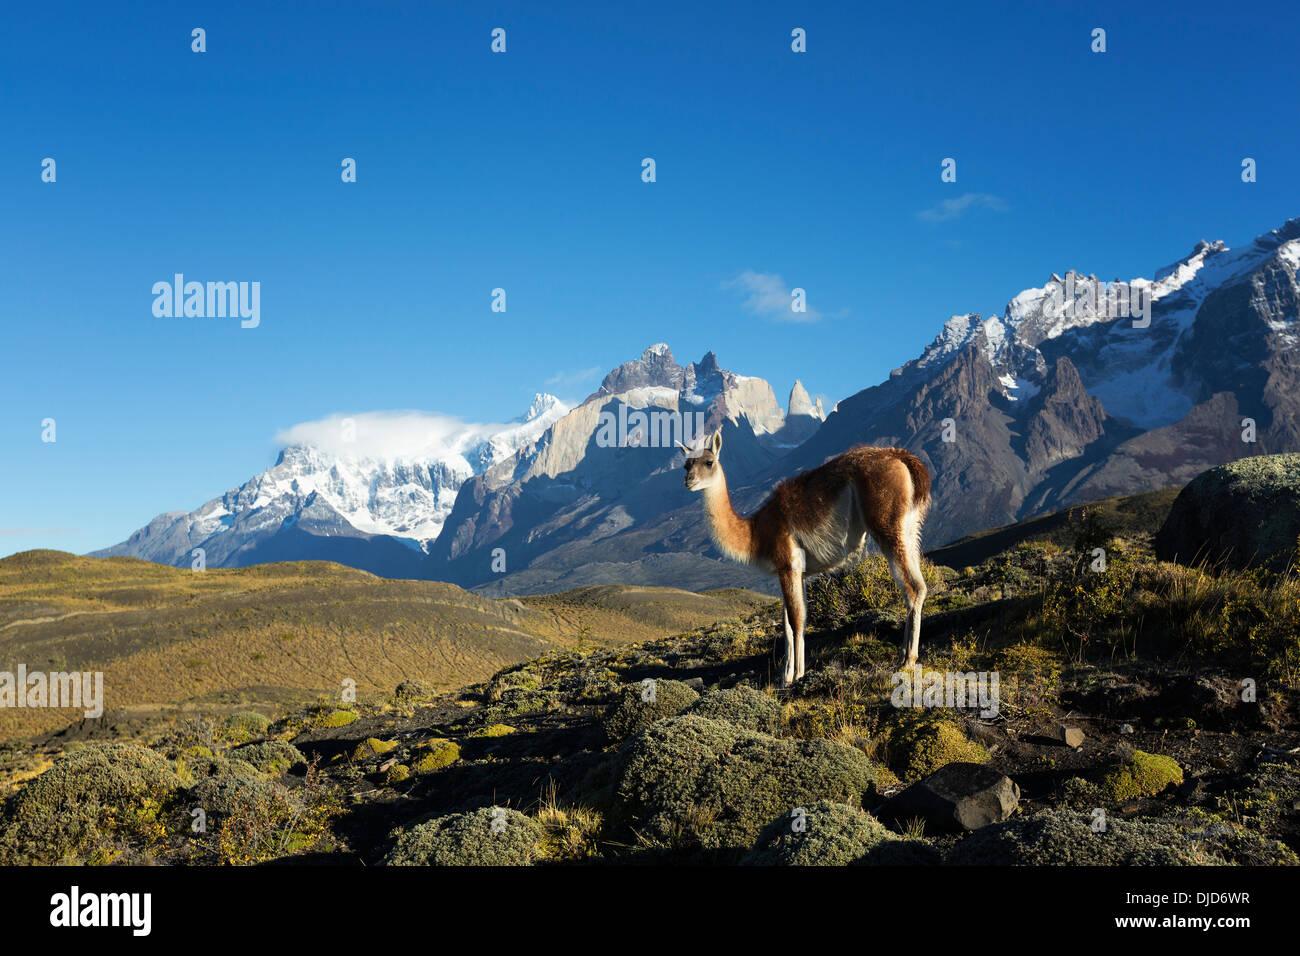 Guanaco (Lama guanicoe) de pie sobre la ladera con Torres del Paine montañas de fondo.La Patagonia.Chile Foto de stock